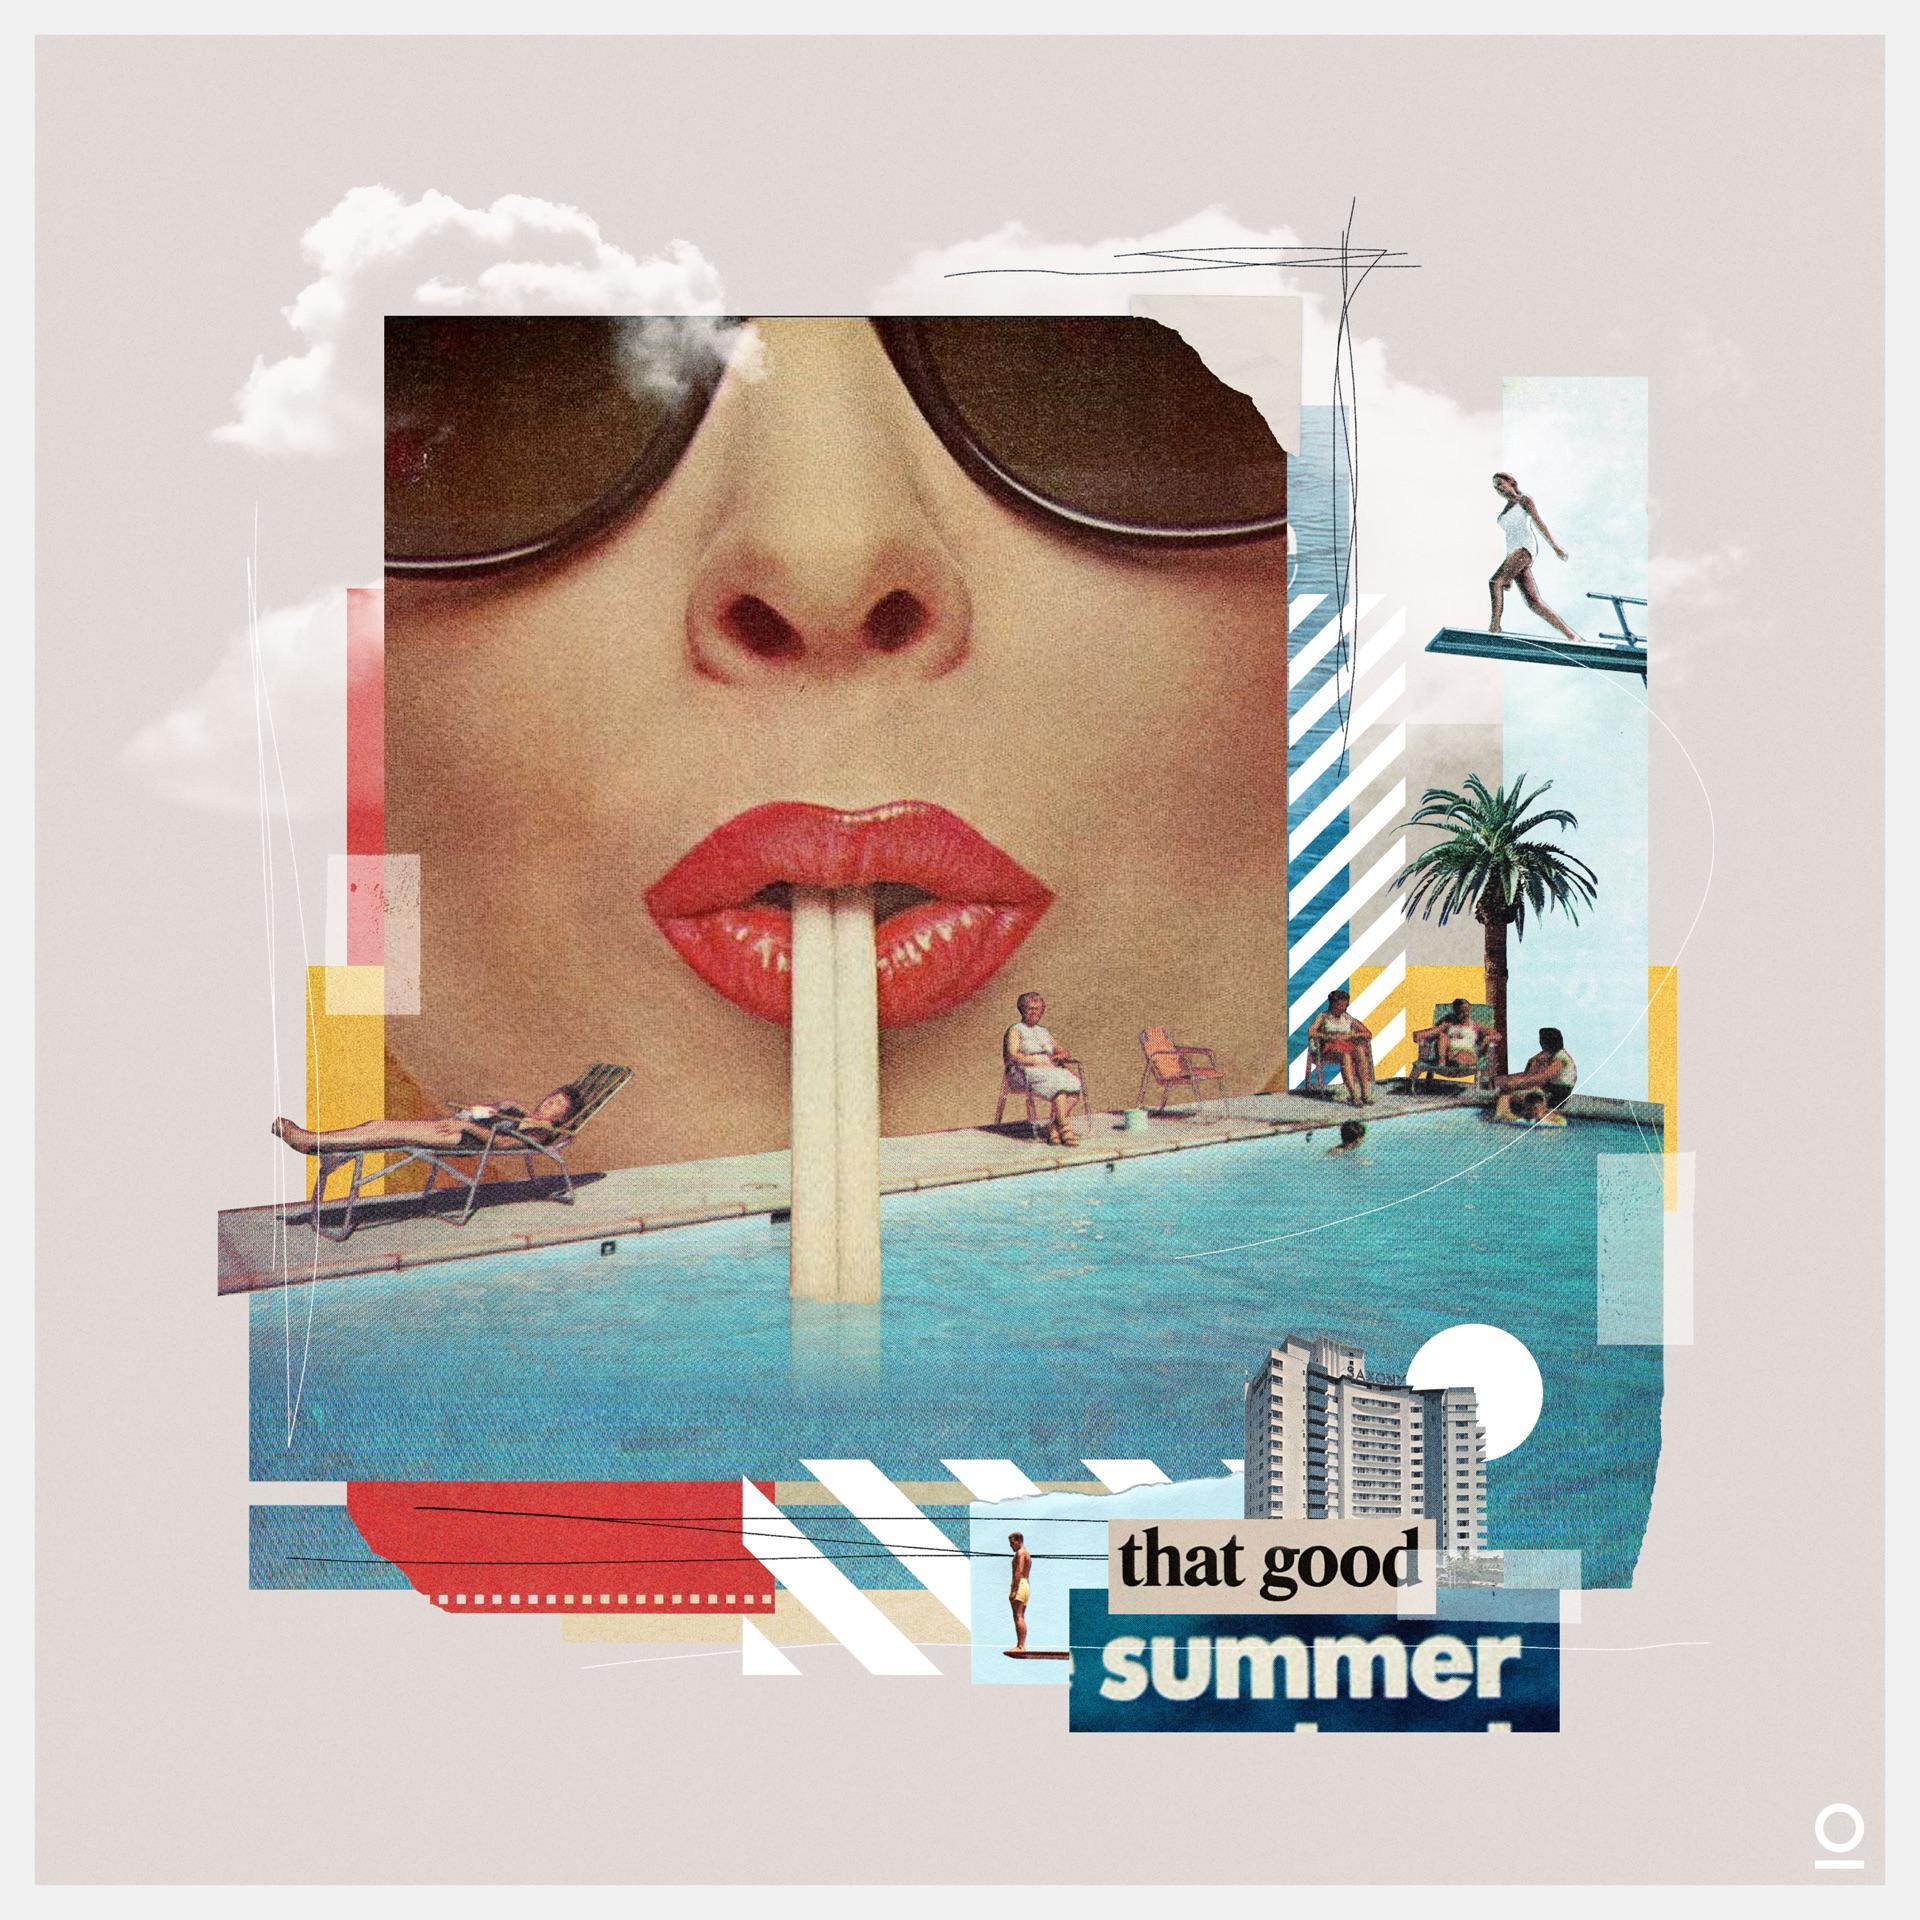 that-good-summer